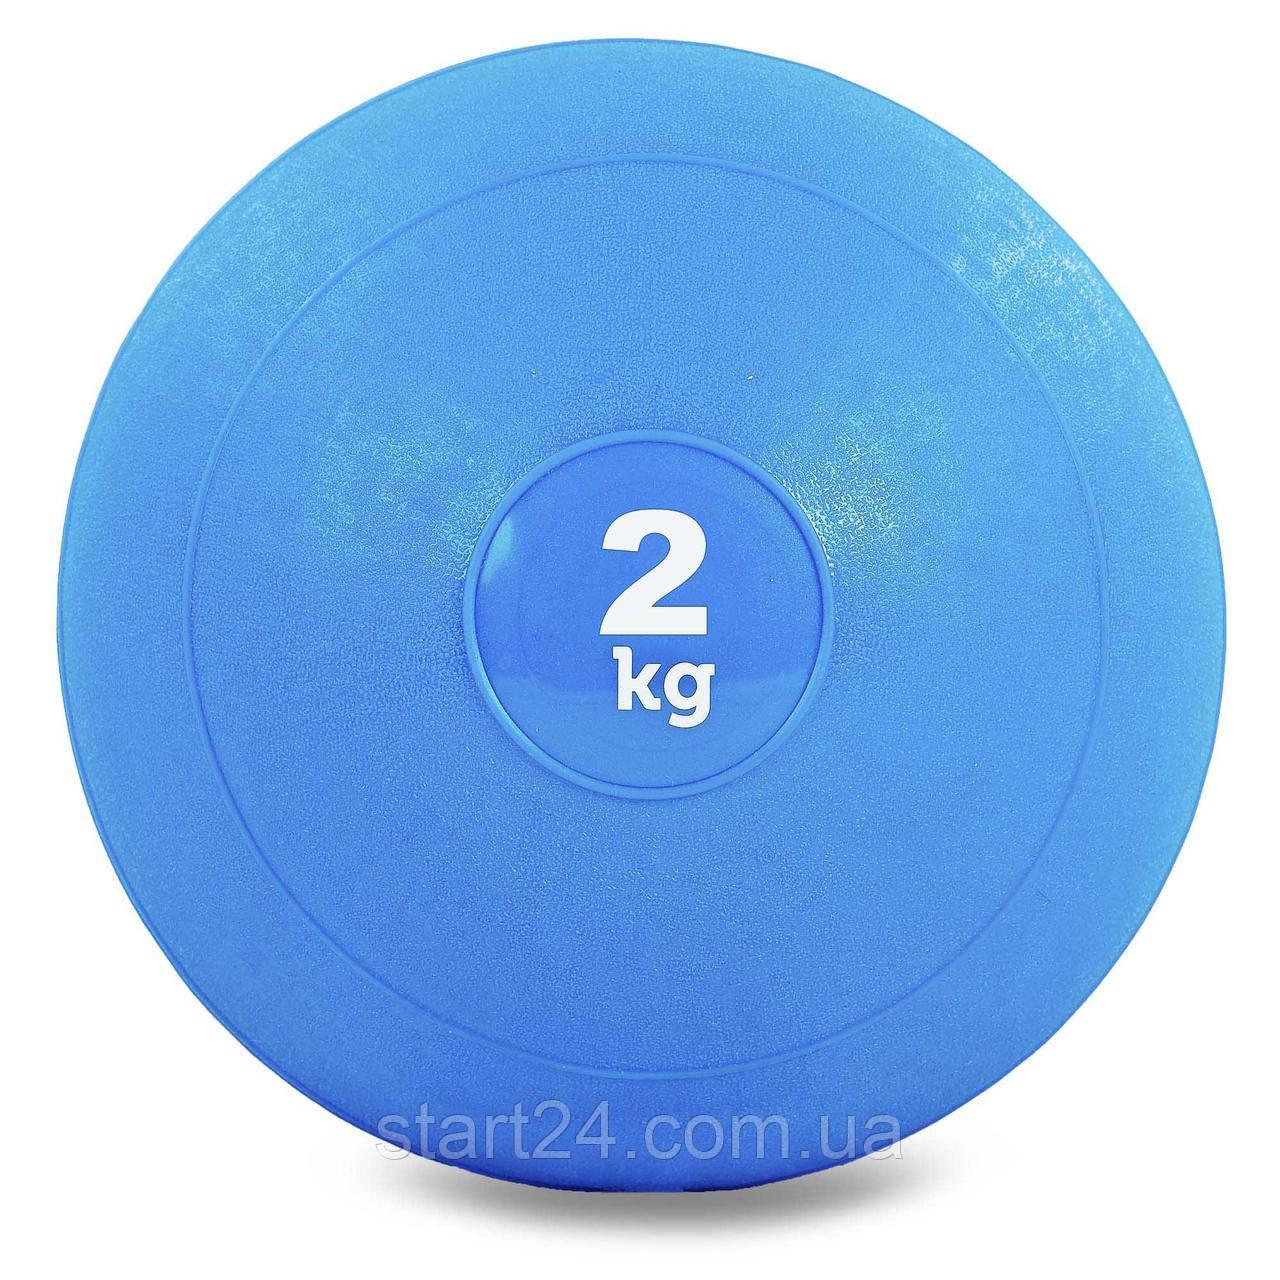 Набивний м'яч слембол для кроссфита Record SLAM BALL FI-5165-2 2кг (гума, мінеральний наповнювач, d-23см,